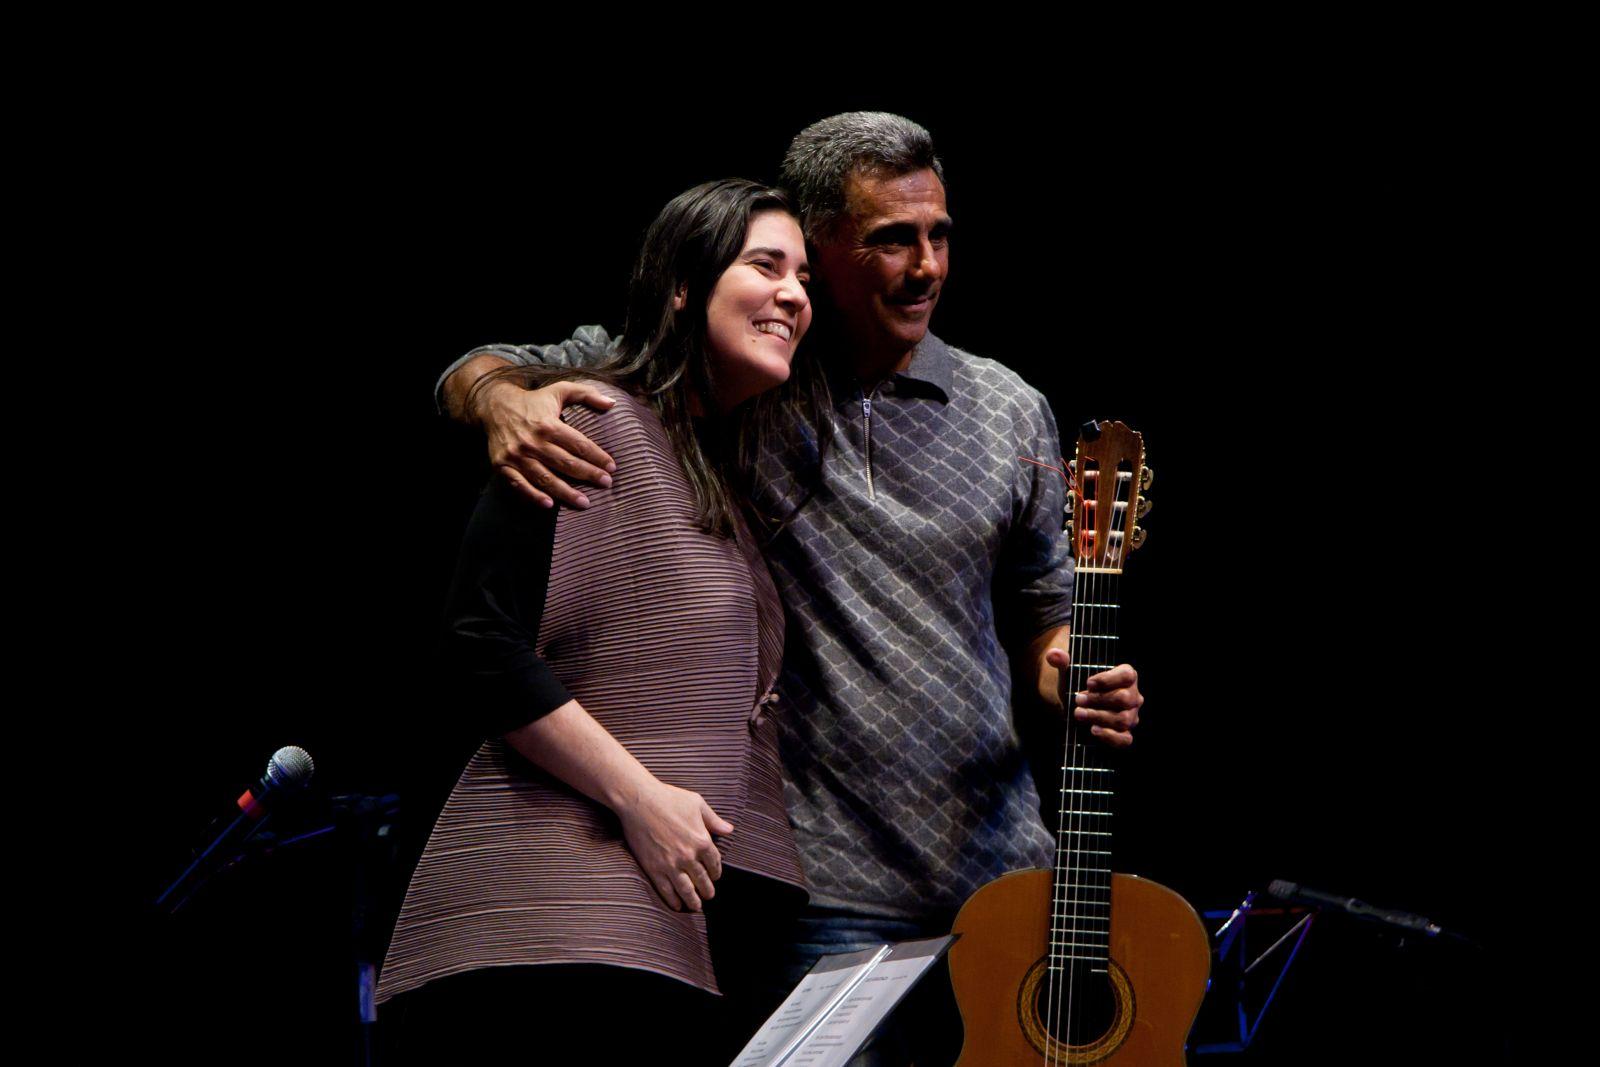 Festival em Teresina cresce com grandes recitais de violão em agosto - Mônica Salmaso e Guinga. Crédito: Thaís Gallart